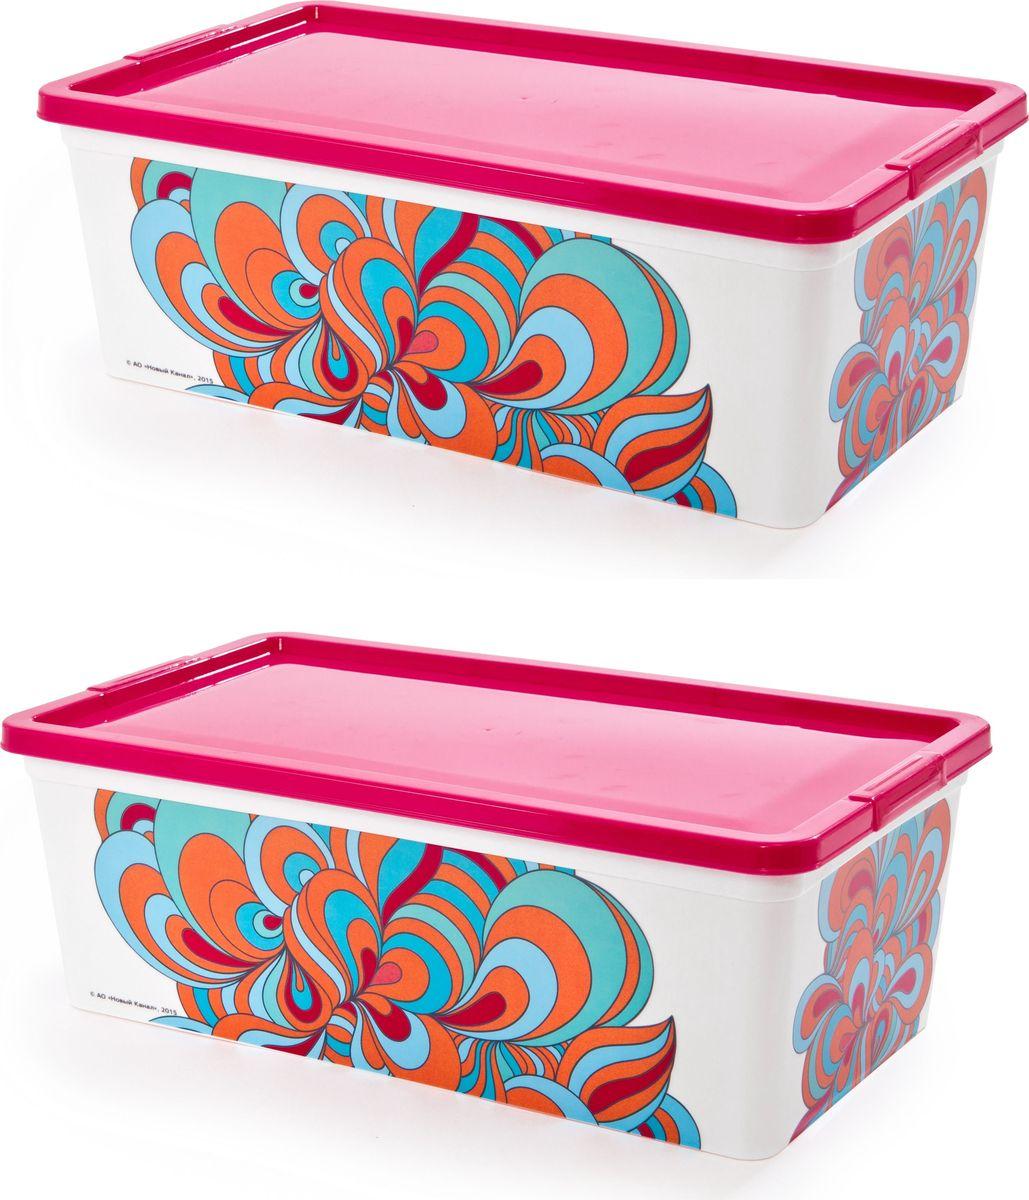 Комплект контейнеров Полимербыт Домашний, 5,5 л, 2 шт. SGHPBKP38010503Комплект из 2х контейнеров Домашний: объемом для мелочей 5,5л. Многофункциональный, пригодиться в быту для любых случаев. Удобные в использовании и хранении.